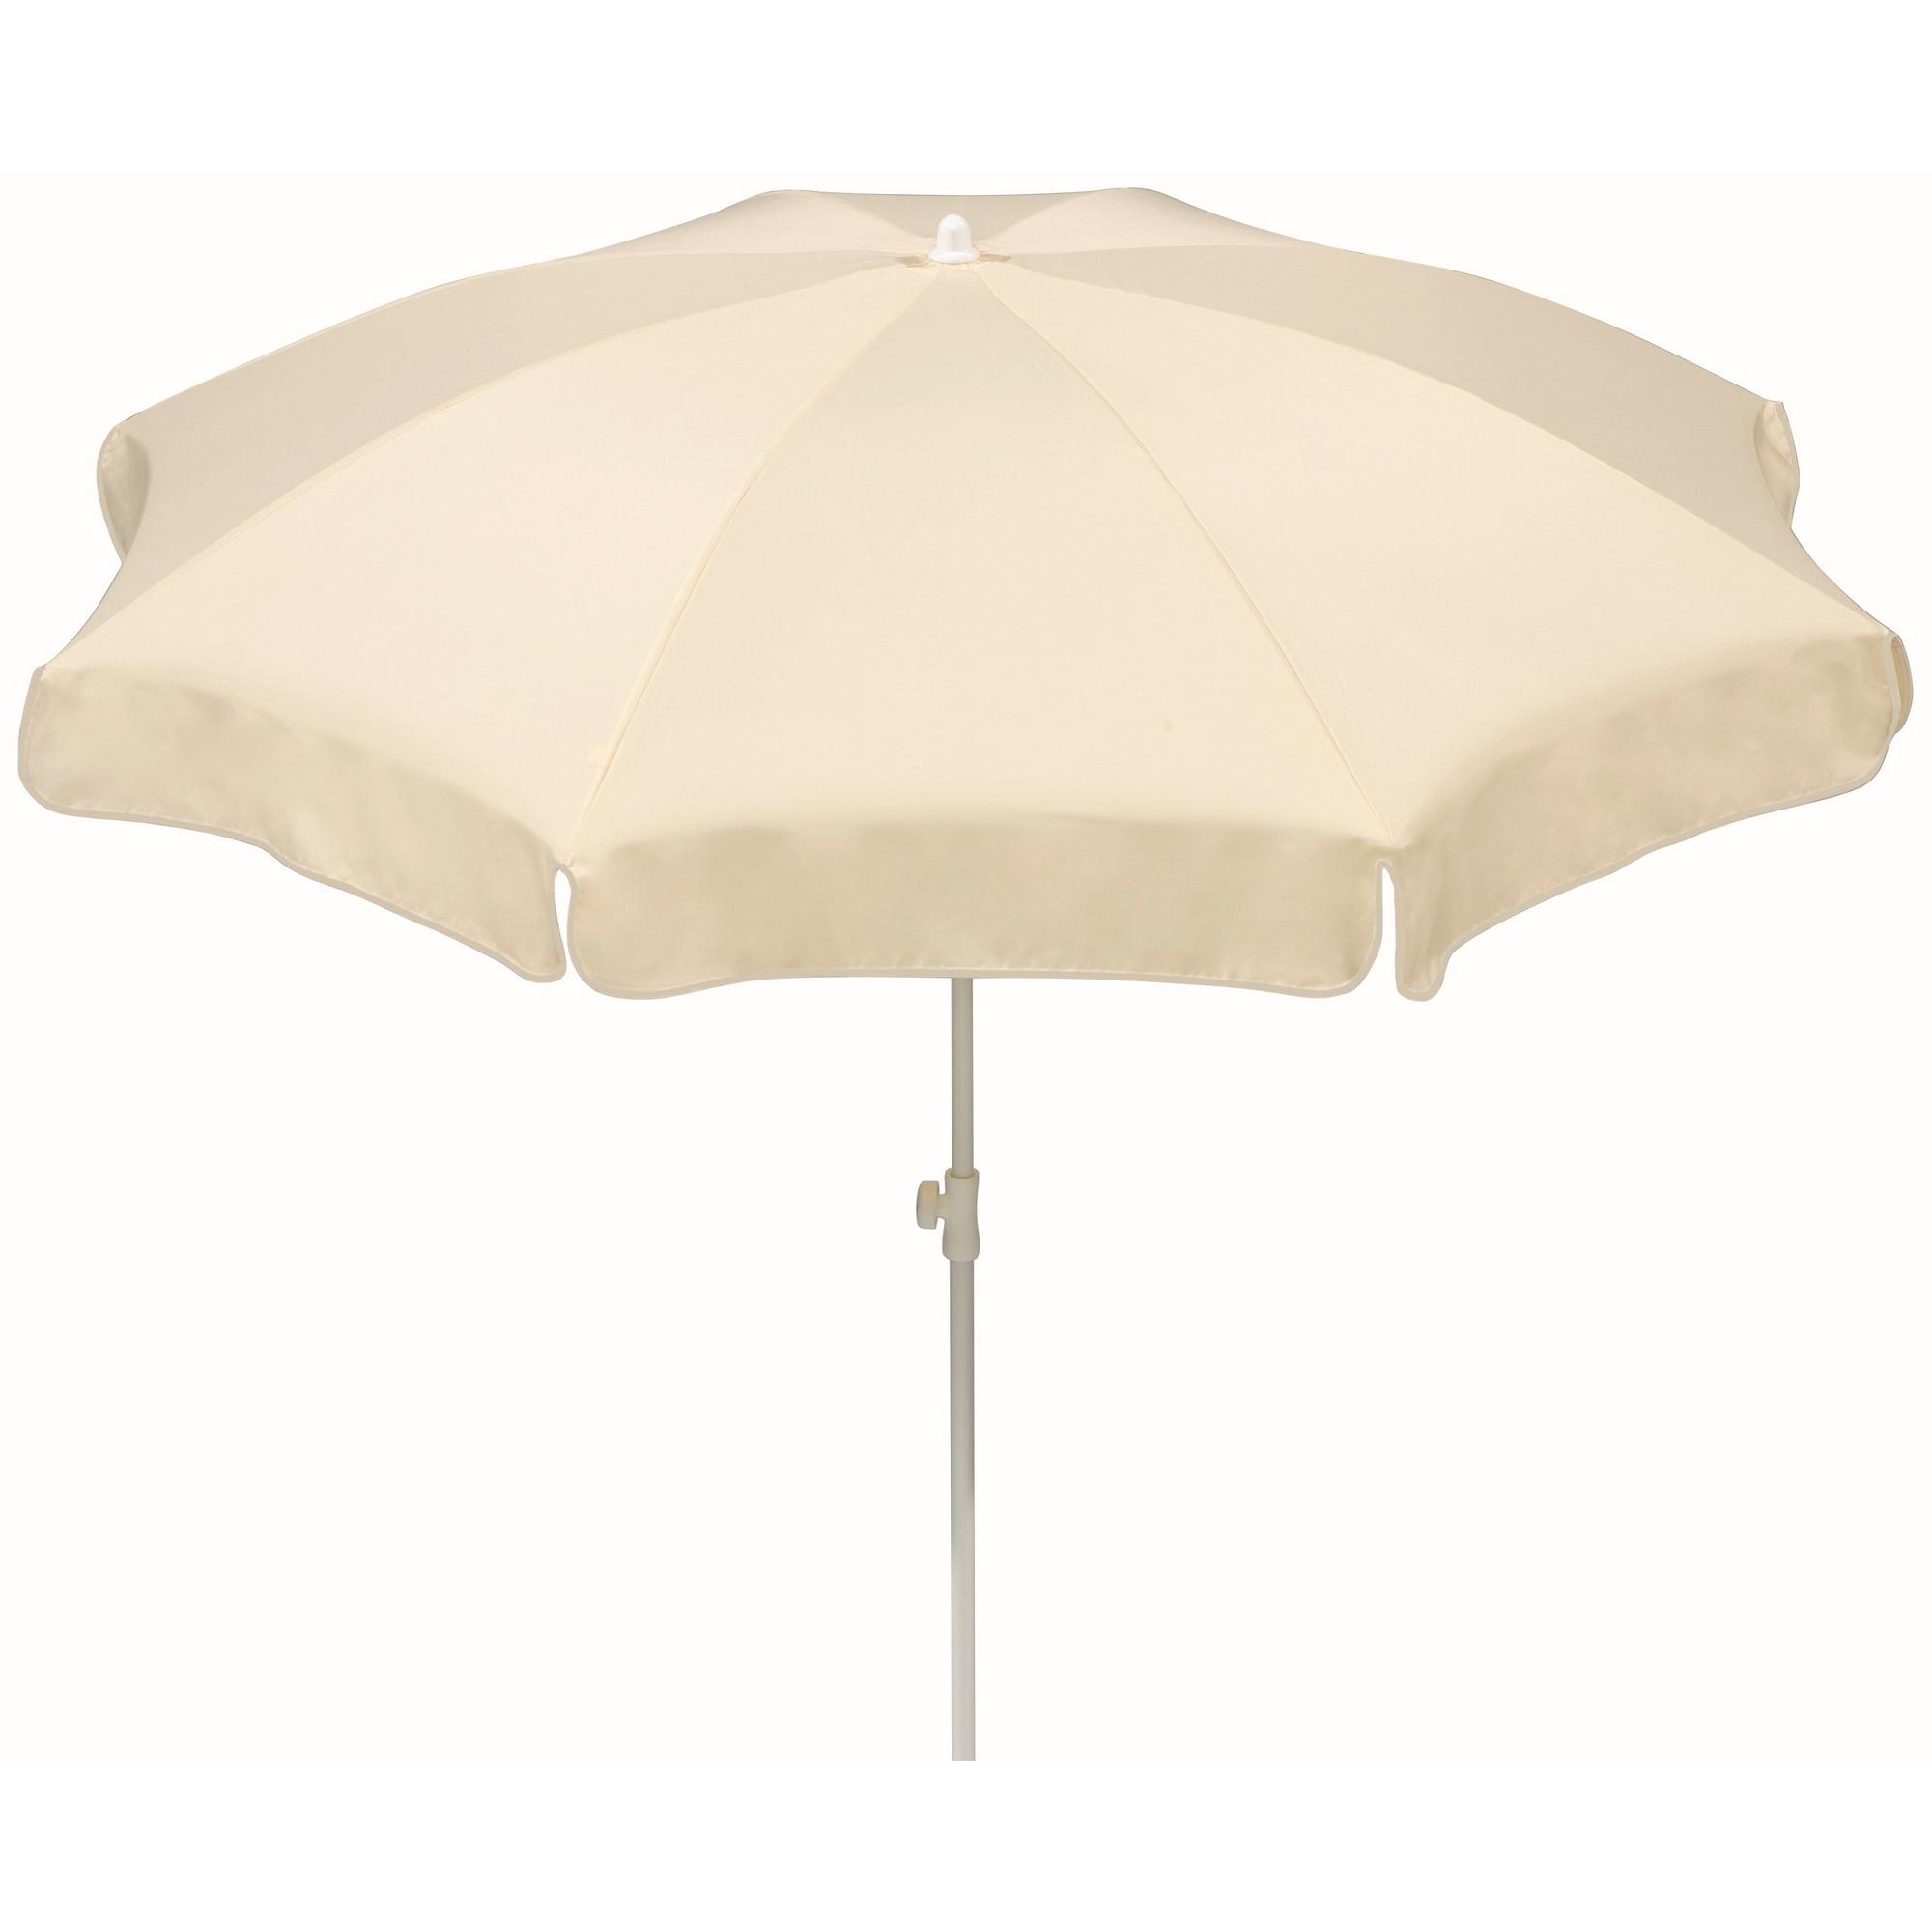 Schneider Schirme Sonnenschirm Ibiza ca. 240 cm, natur